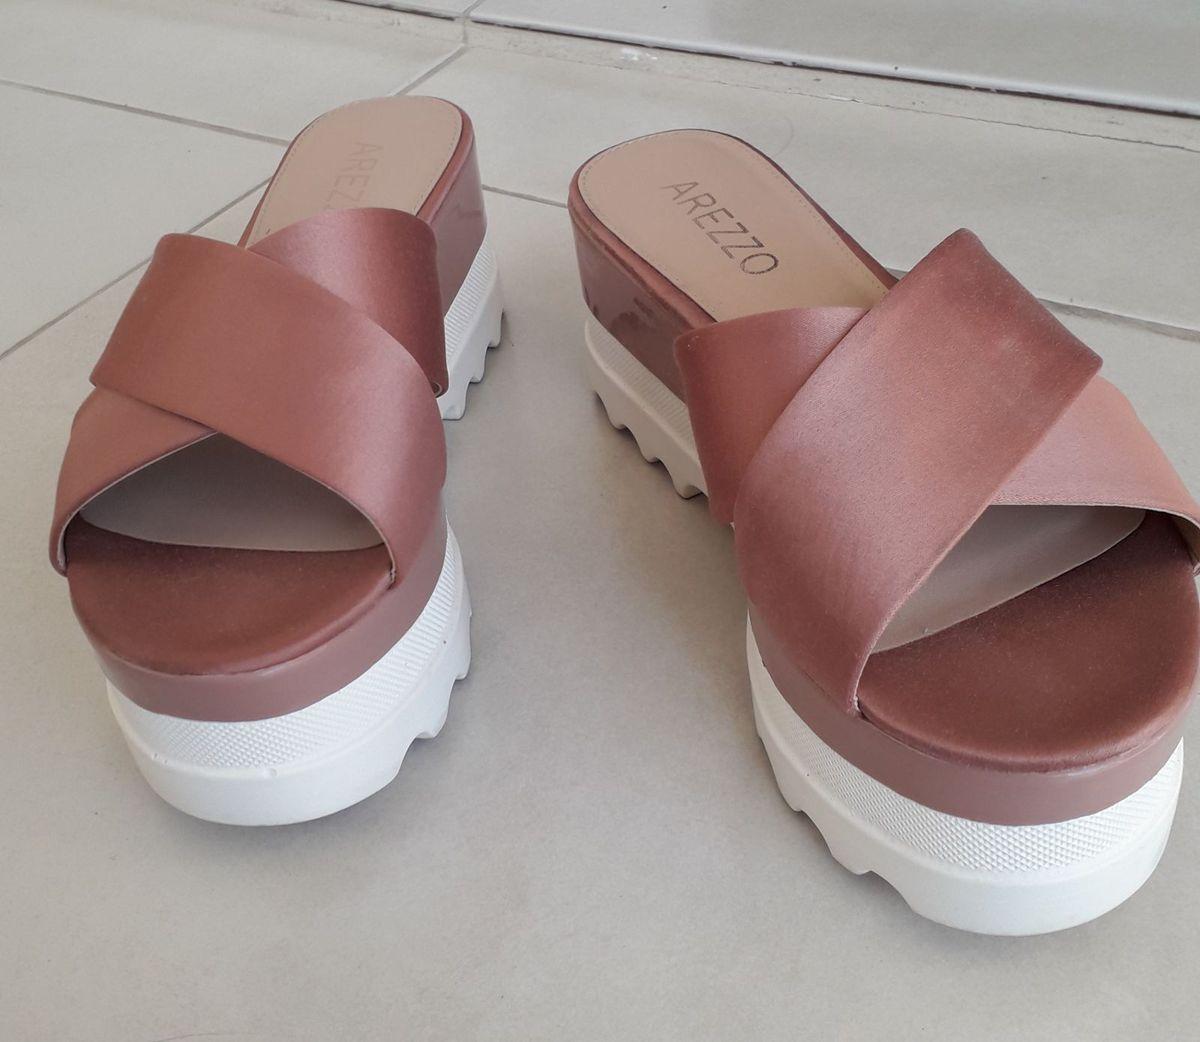 f1c0cead70 sandália estilo tamanco plataforma - sandálias arezzo